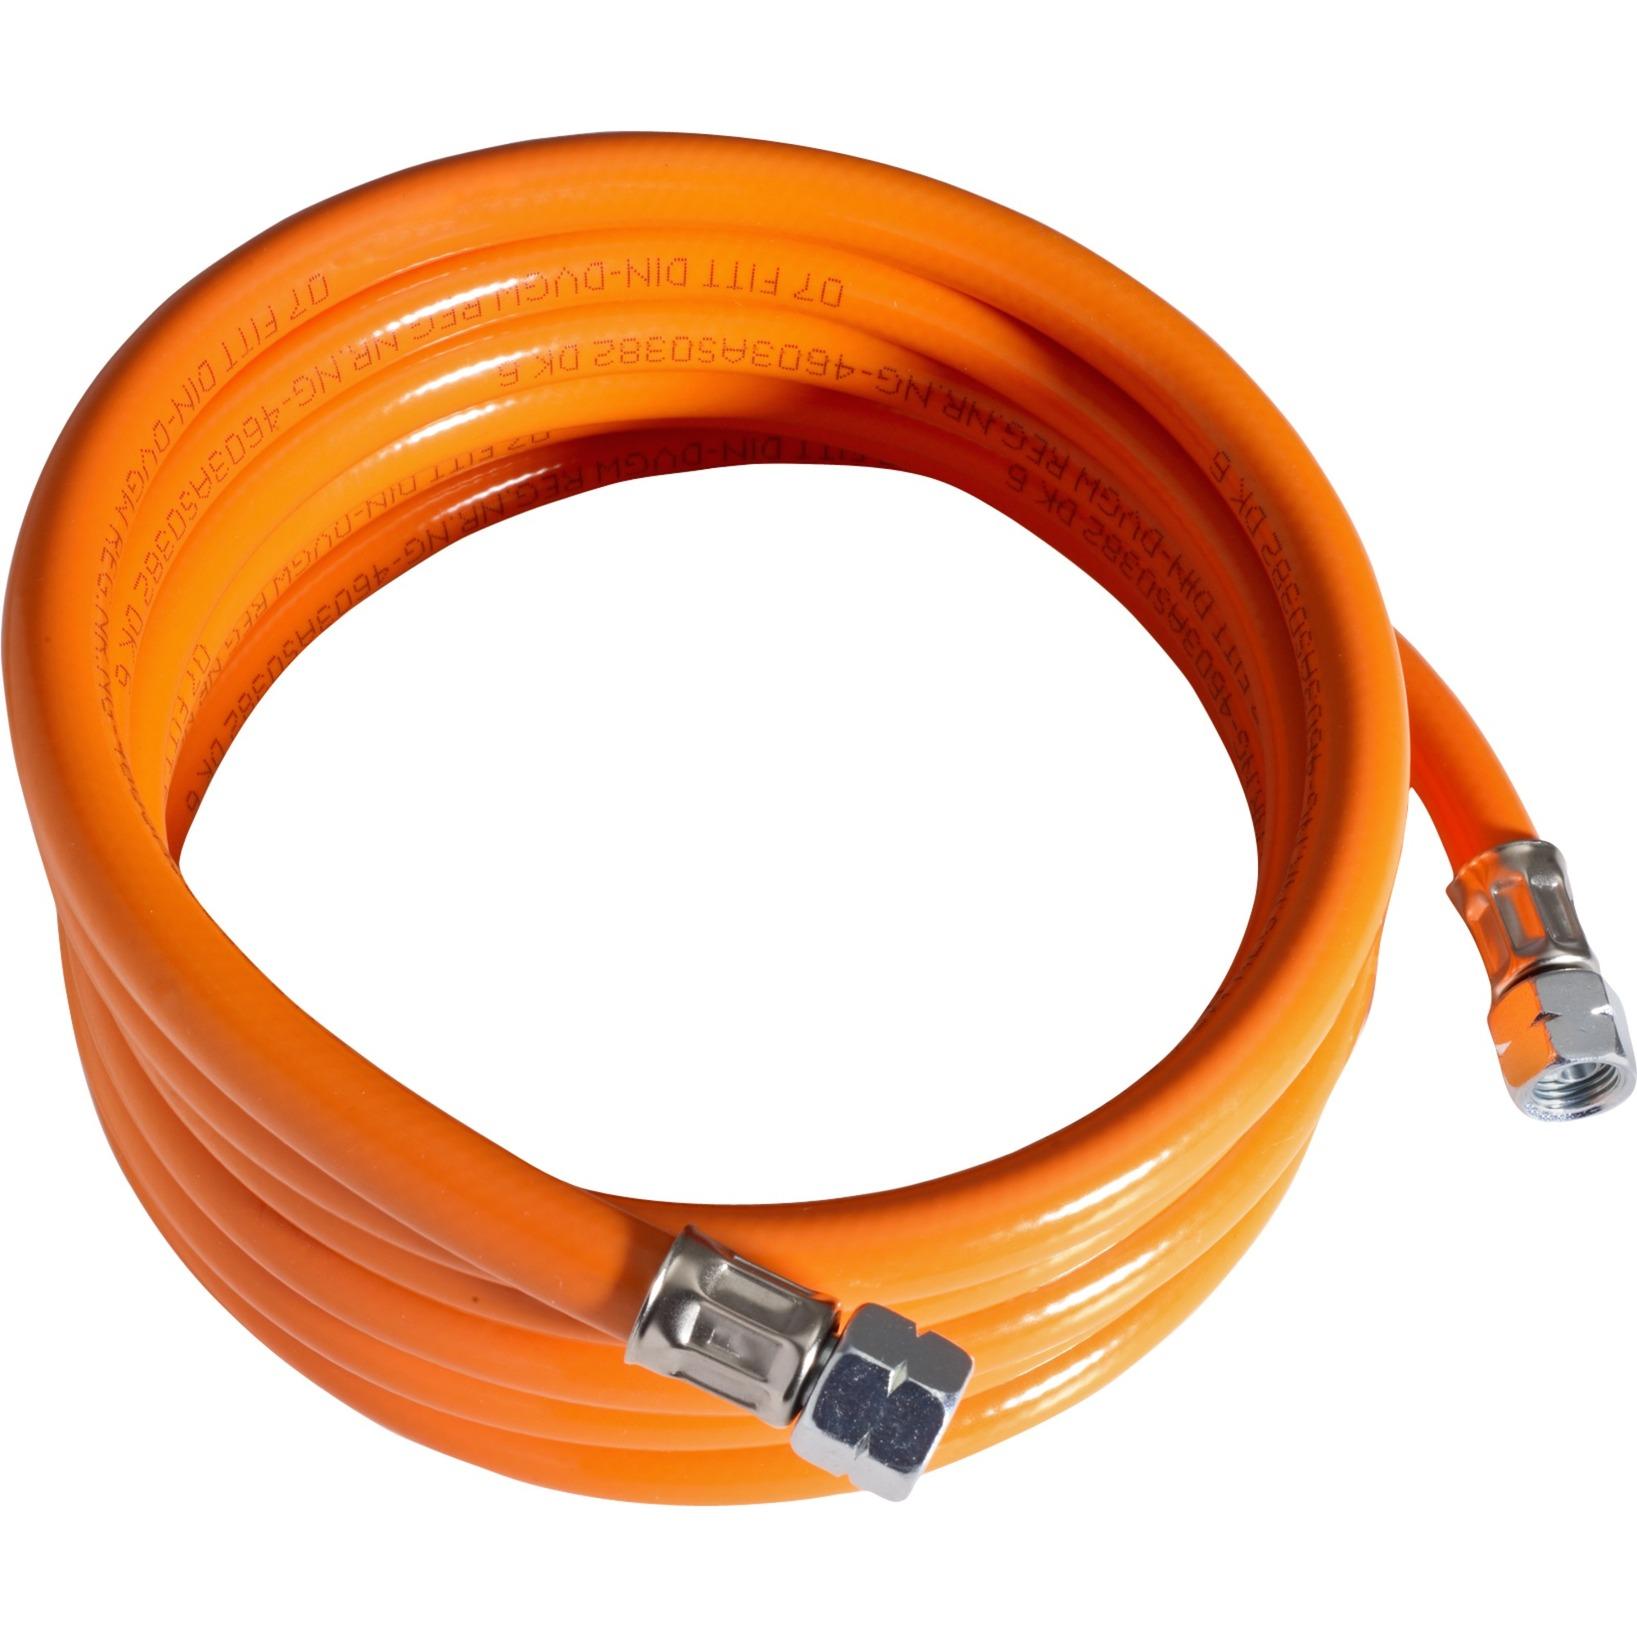 32442 3m Naranja manguera de compresores de aire